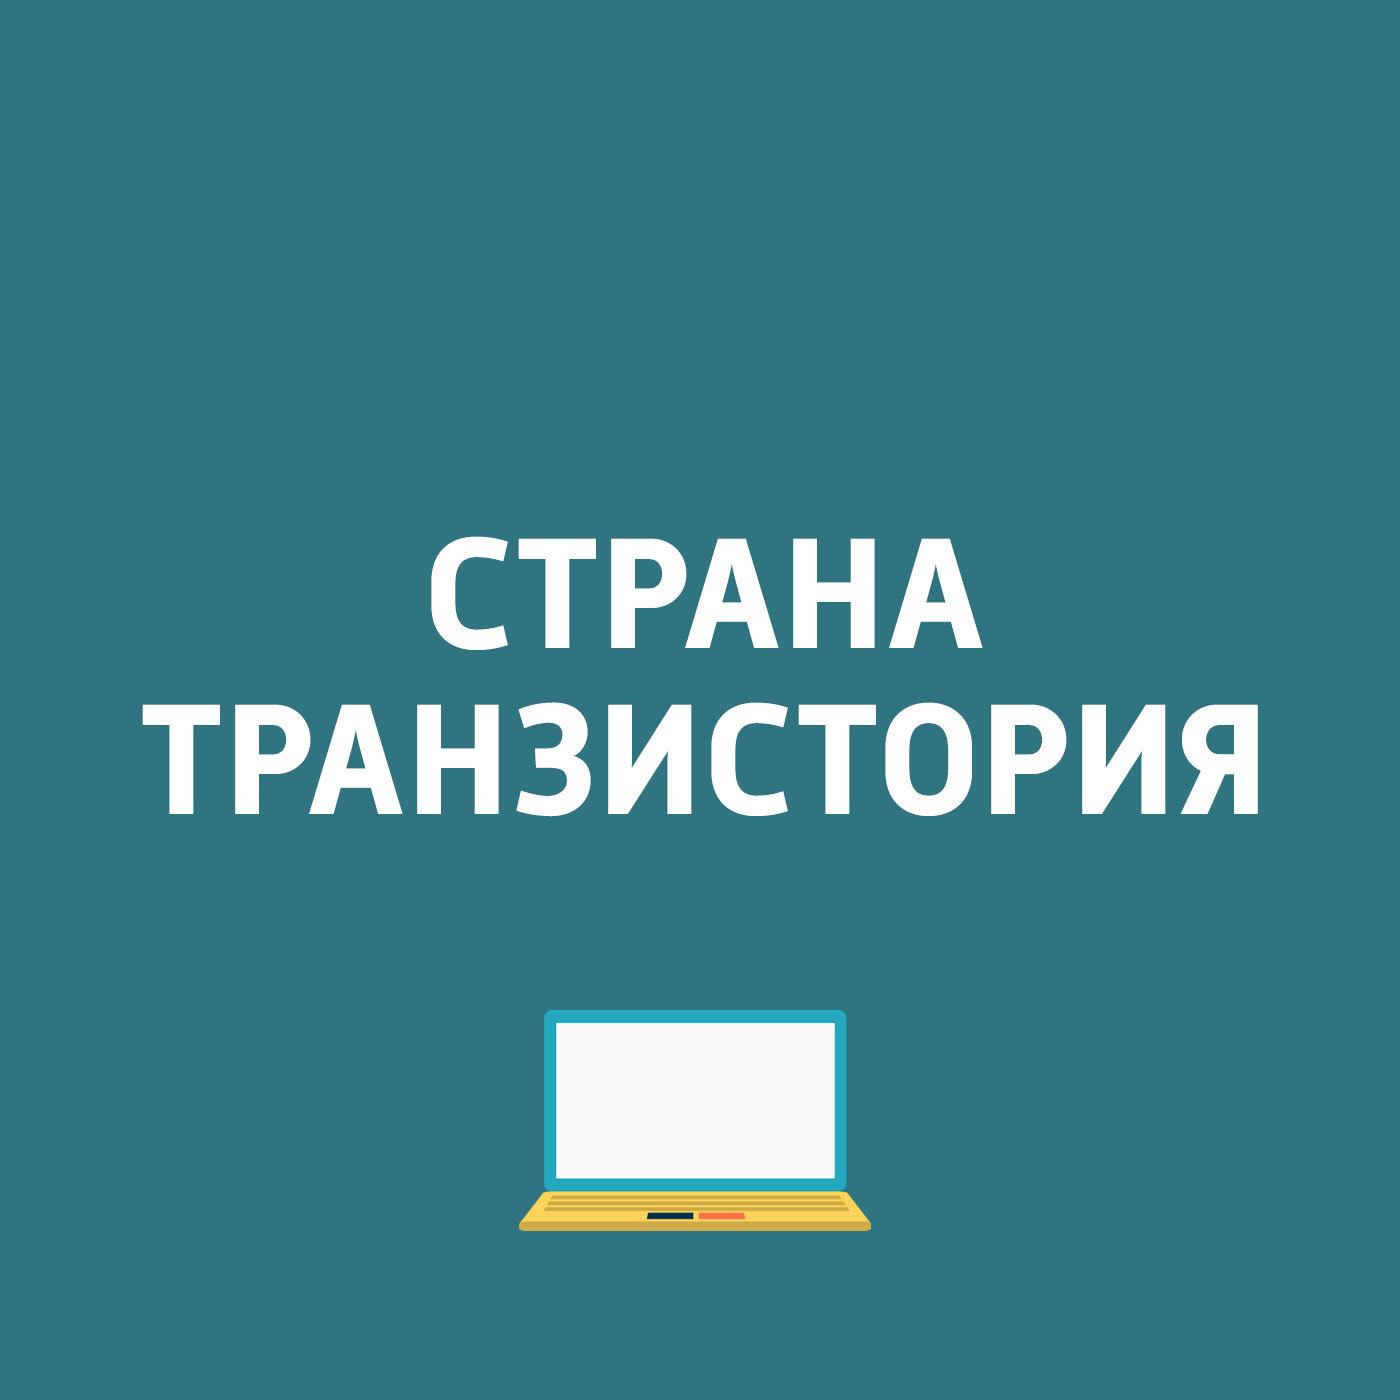 Картаев Павел Госуслуги, камуфляжи картаев павел чуррос